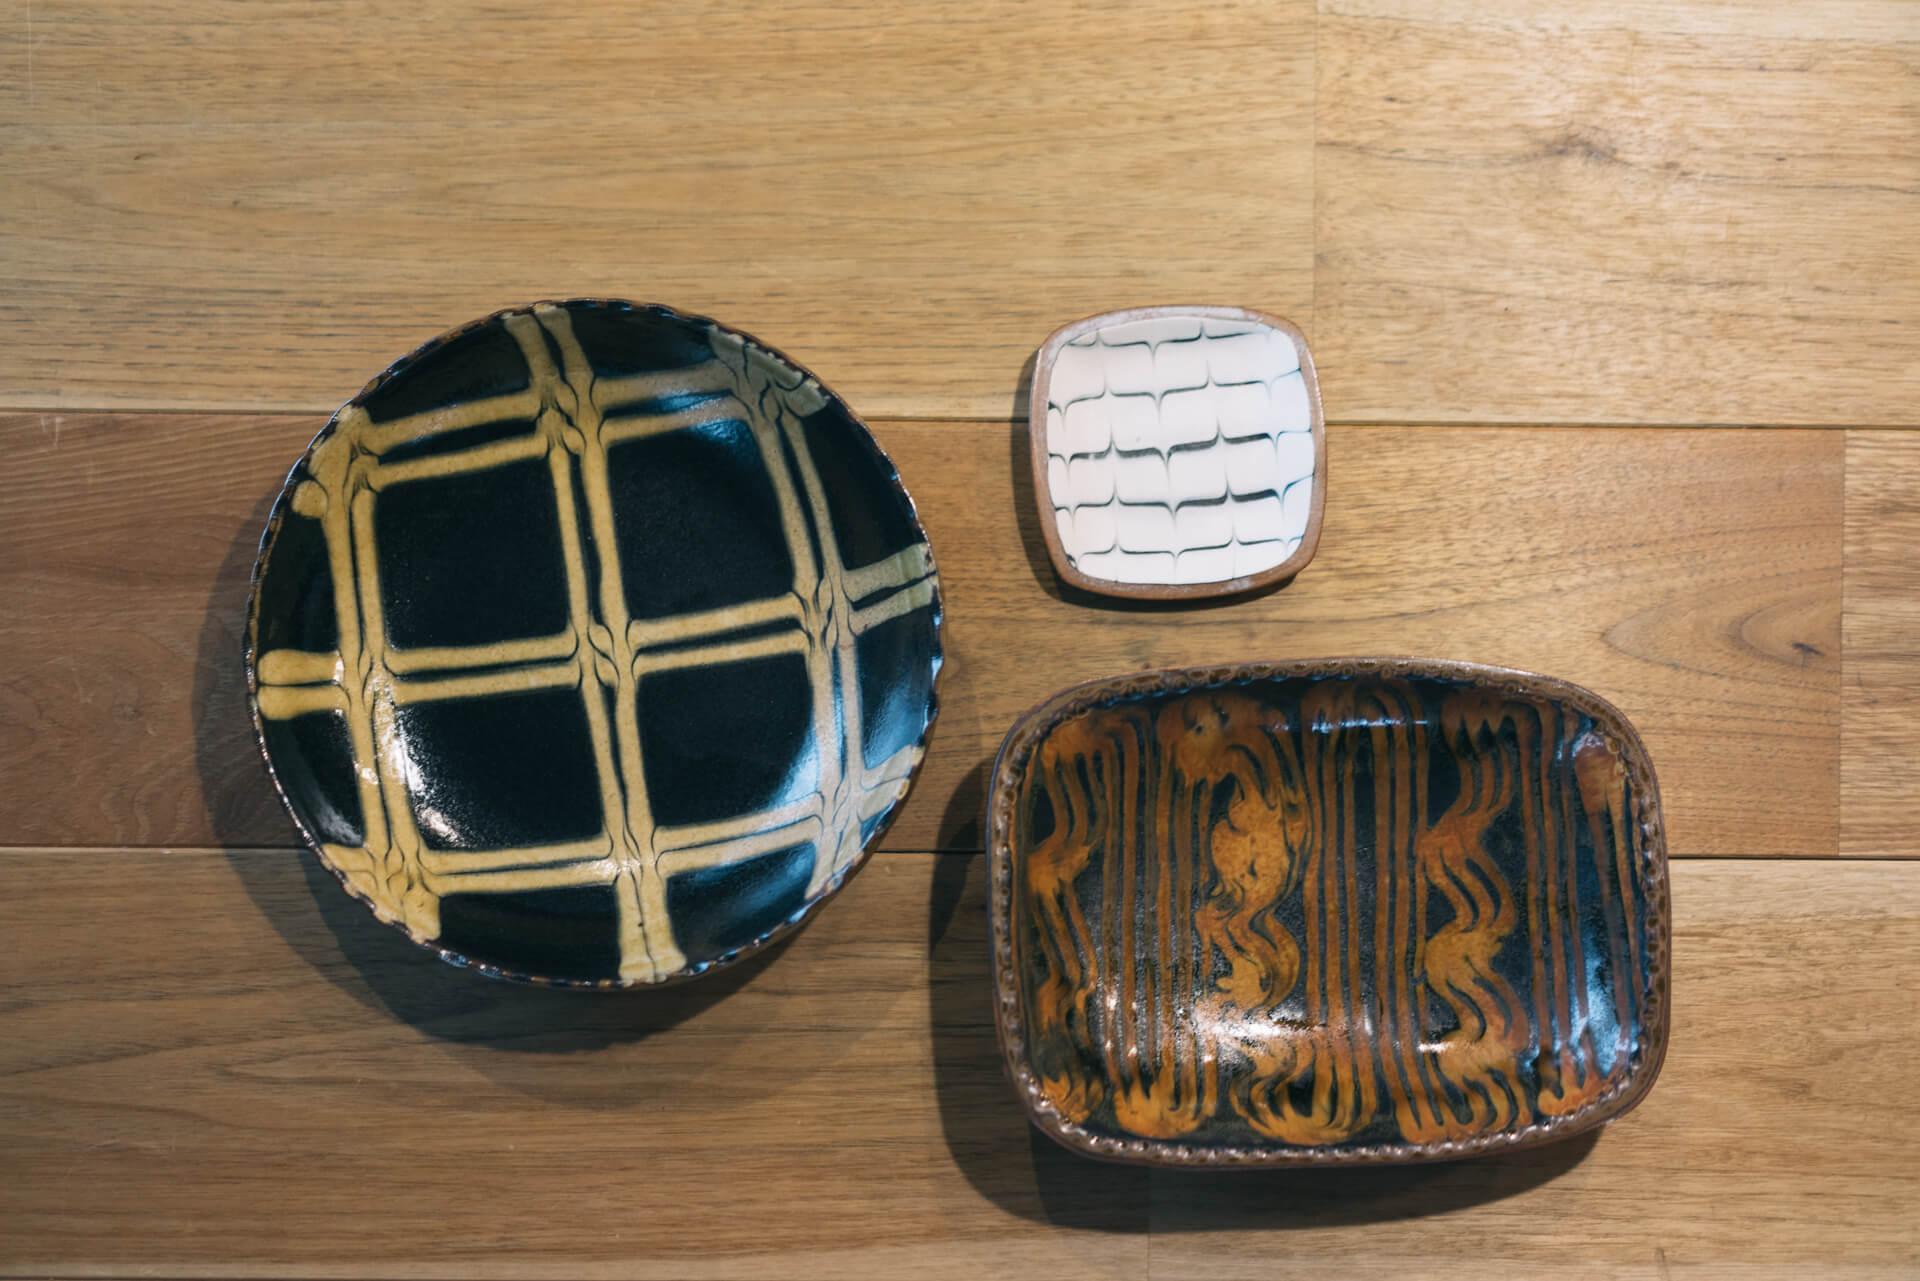 英国生まれのスリップウェアは、化粧土でつけられた模様にあたたかみがあって、和洋どちらの食卓にも合わせやすいすぐれもの。こちらは中目黒のSMLで購入。